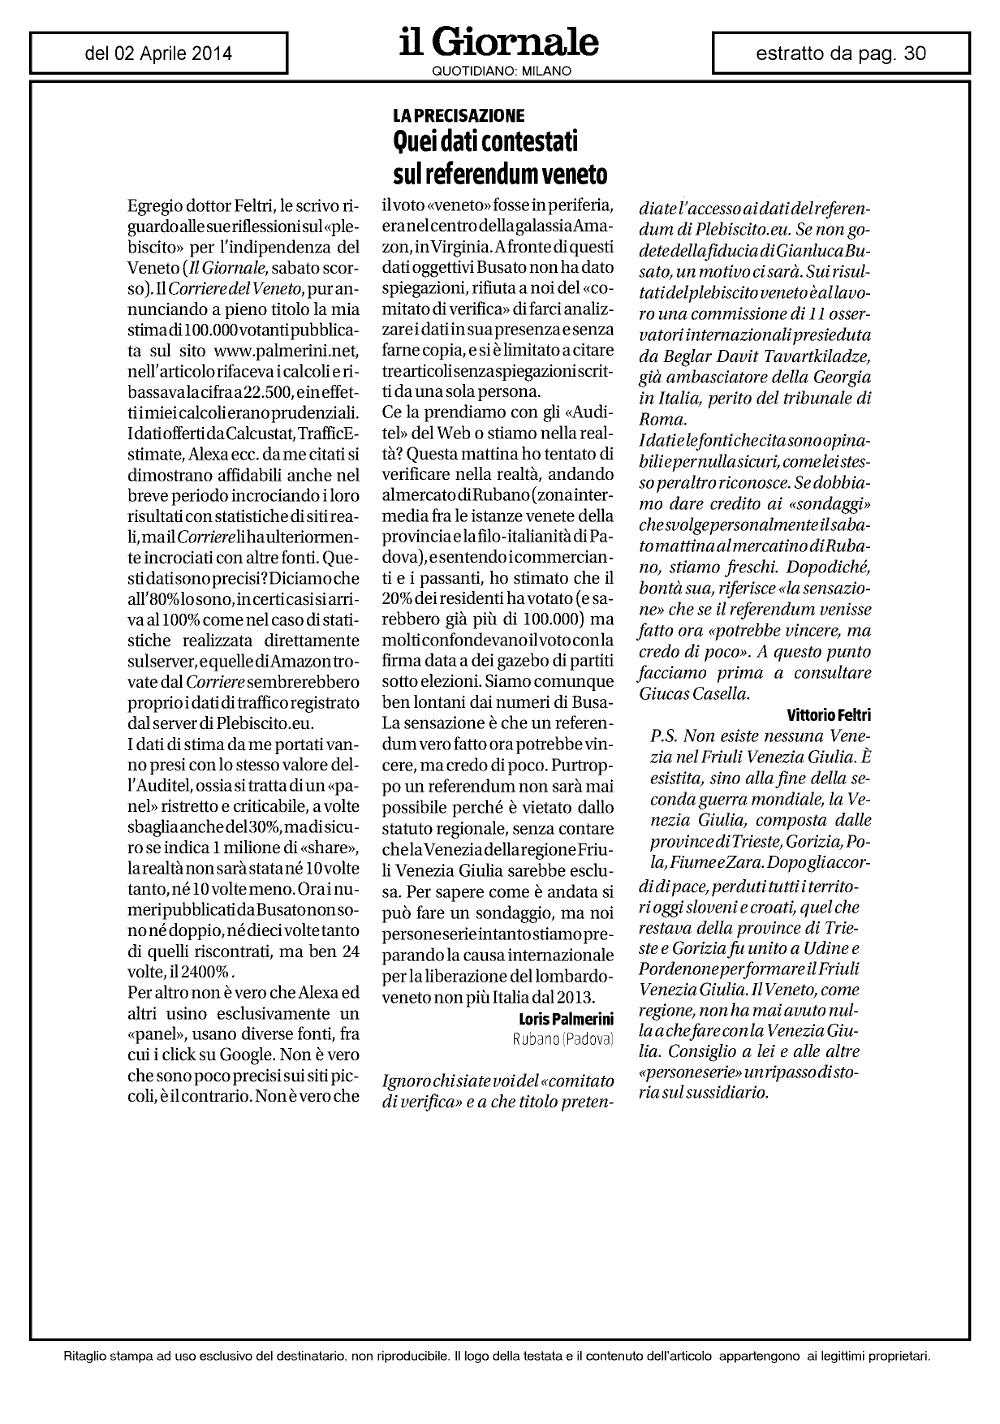 risposta-feltri-2014-apr-04r